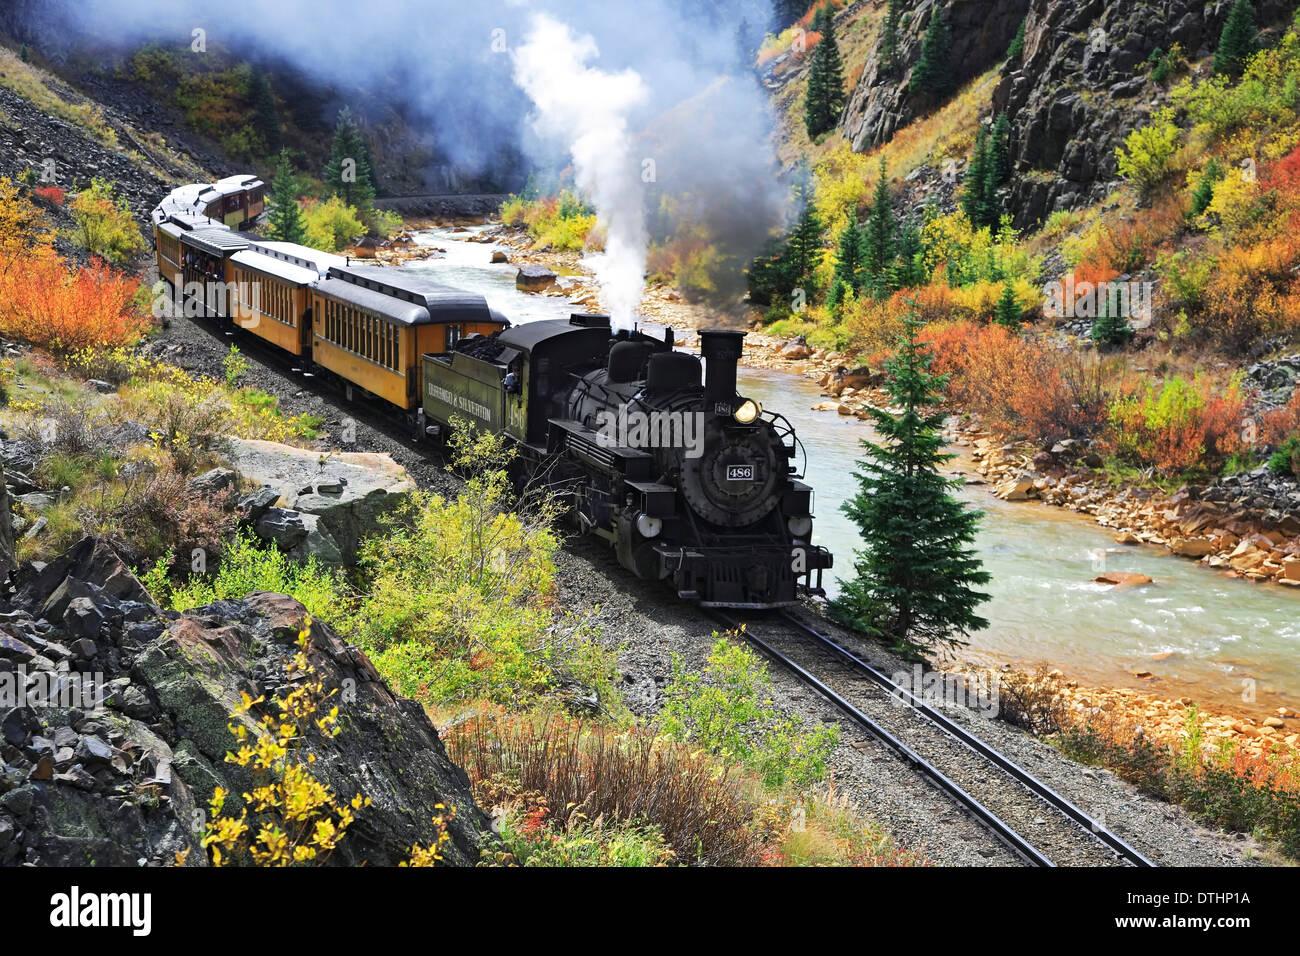 Durango & Silverton Narrow Gauge Railroad, Animas River and Fall colors, near Silverton, Colorado USA - Stock Image